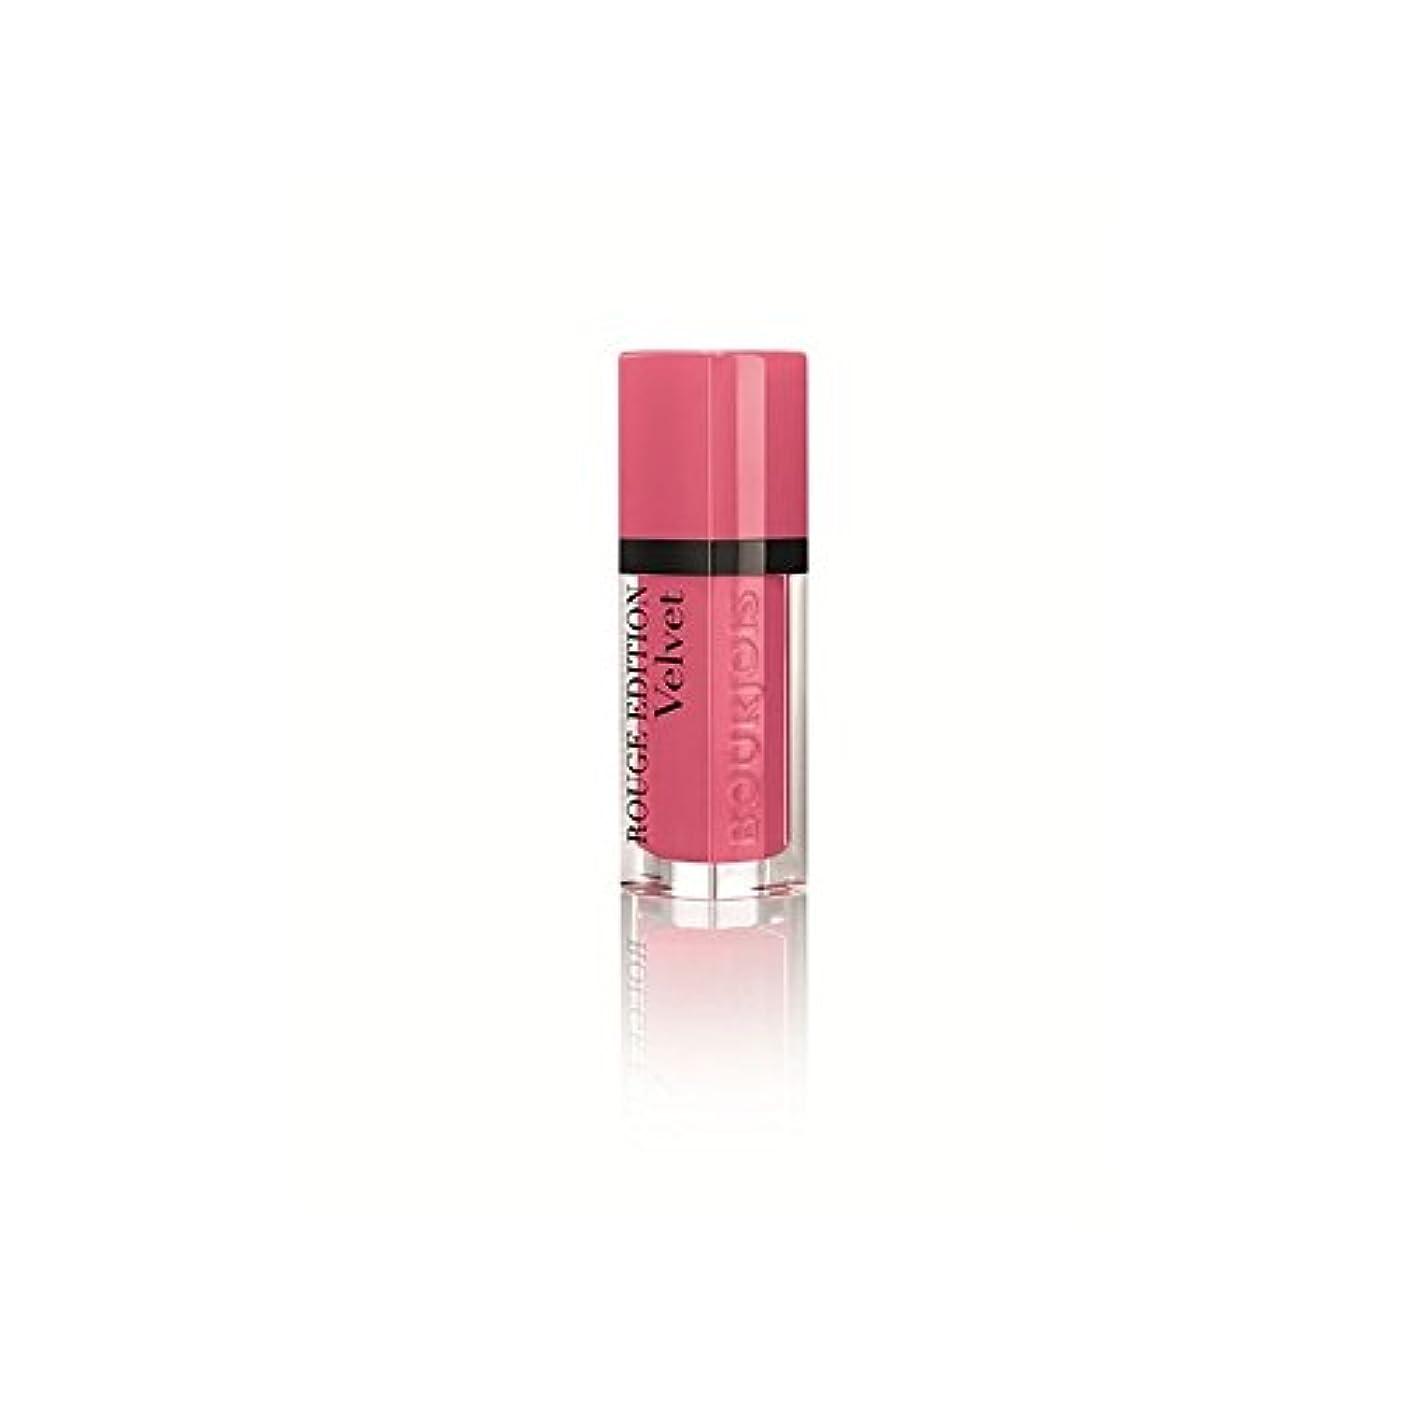 教育者ポテトインポートBourjois Rouge Edition Velvet Lipstick So Hap'pink 11-11そう'ブルジョワルージュ版のベルベットの口紅 [並行輸入品]